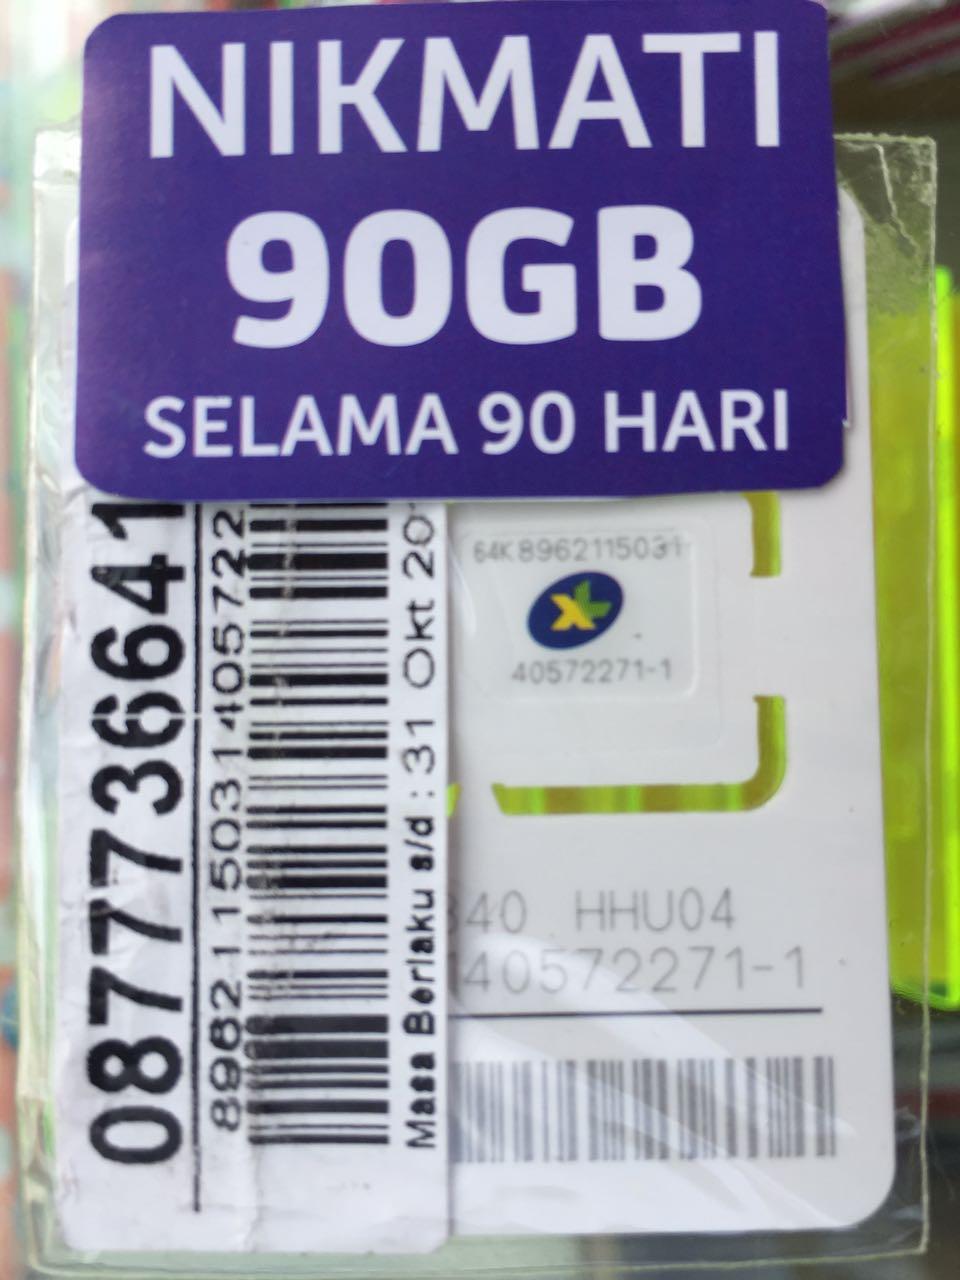 Jual Perdana Internet Xl Go Kuota 90gb 3 Bulan Kartu 90 Izi Gb Positif Tokopedia